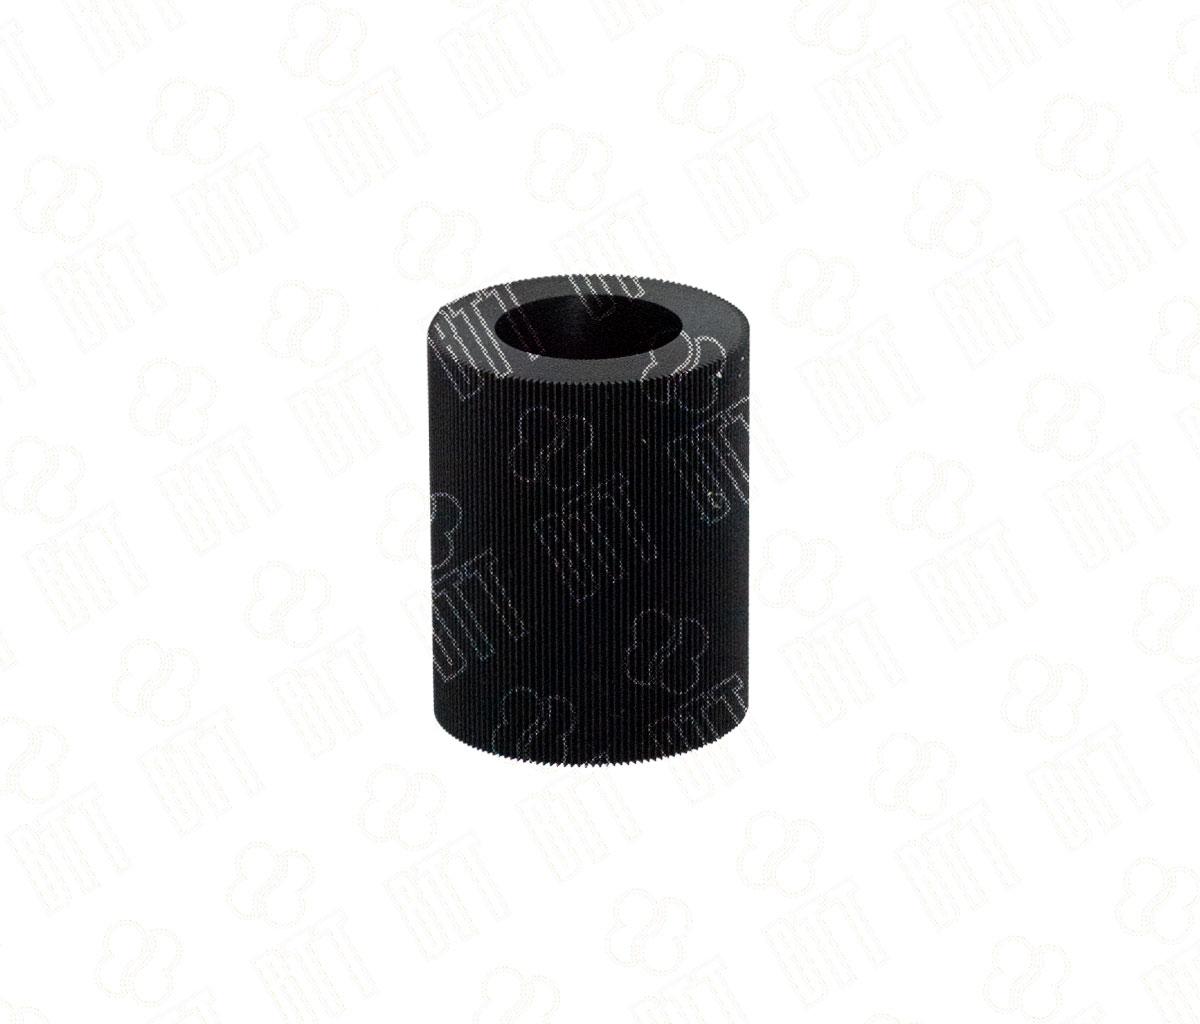 Насадка (резинка) ролика отделения ADF для LexmarkMX812/MX811/MX810/MX711/MX710 (совм)